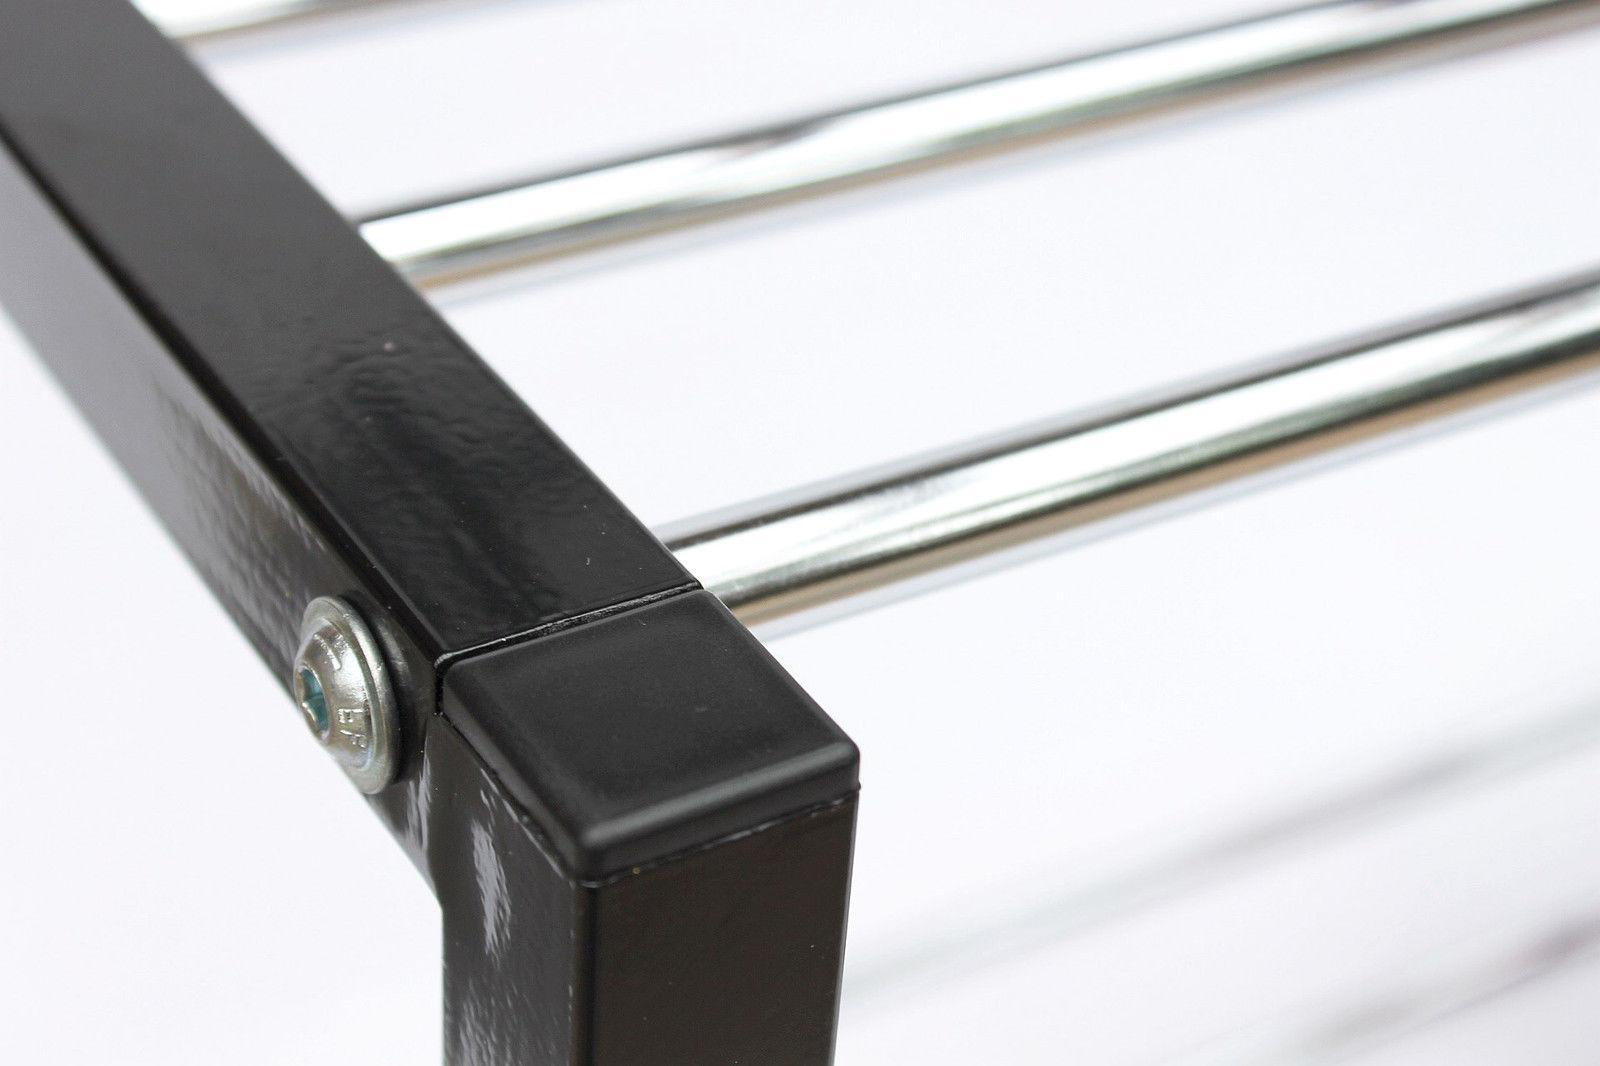 Schuhregal schuhbank 70 cm schuhschrank aus metall for Schuhschrank 70 cm